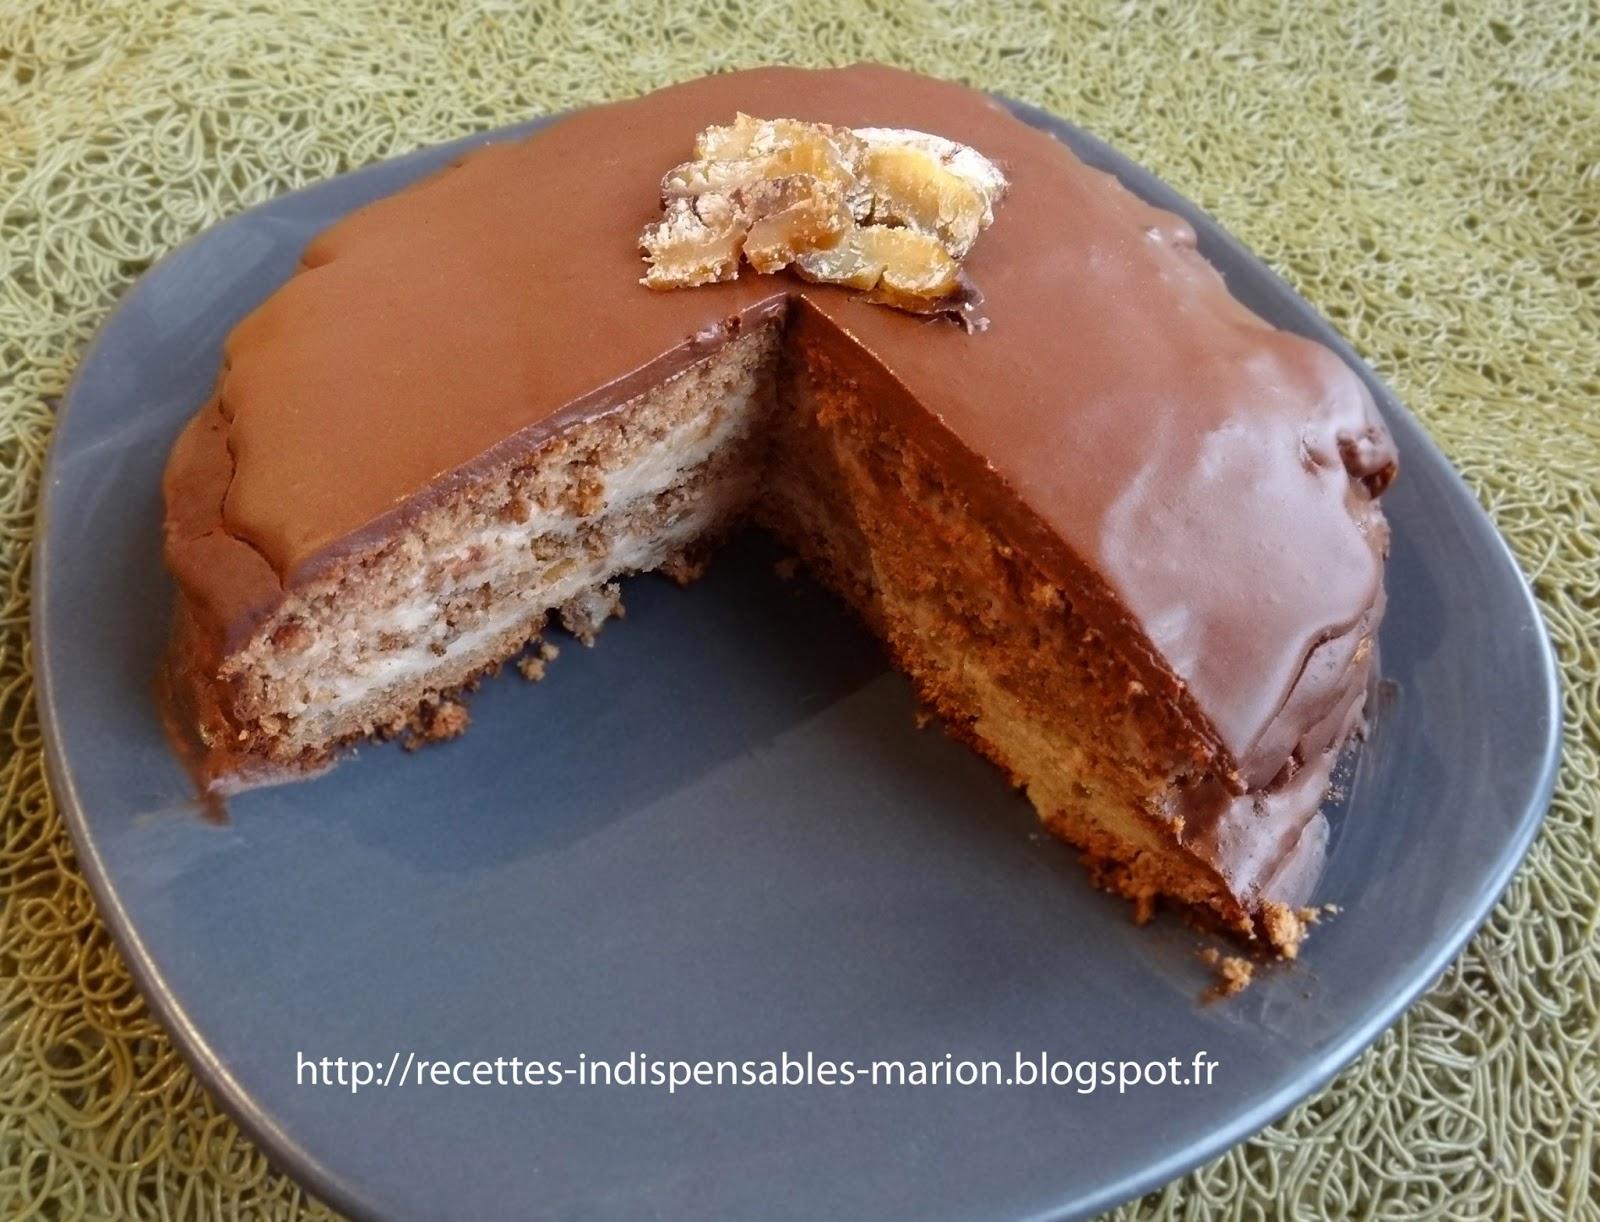 Les recettes indispensables de marion g teau la cr me - Recette gateau chocolat creme de marron ...